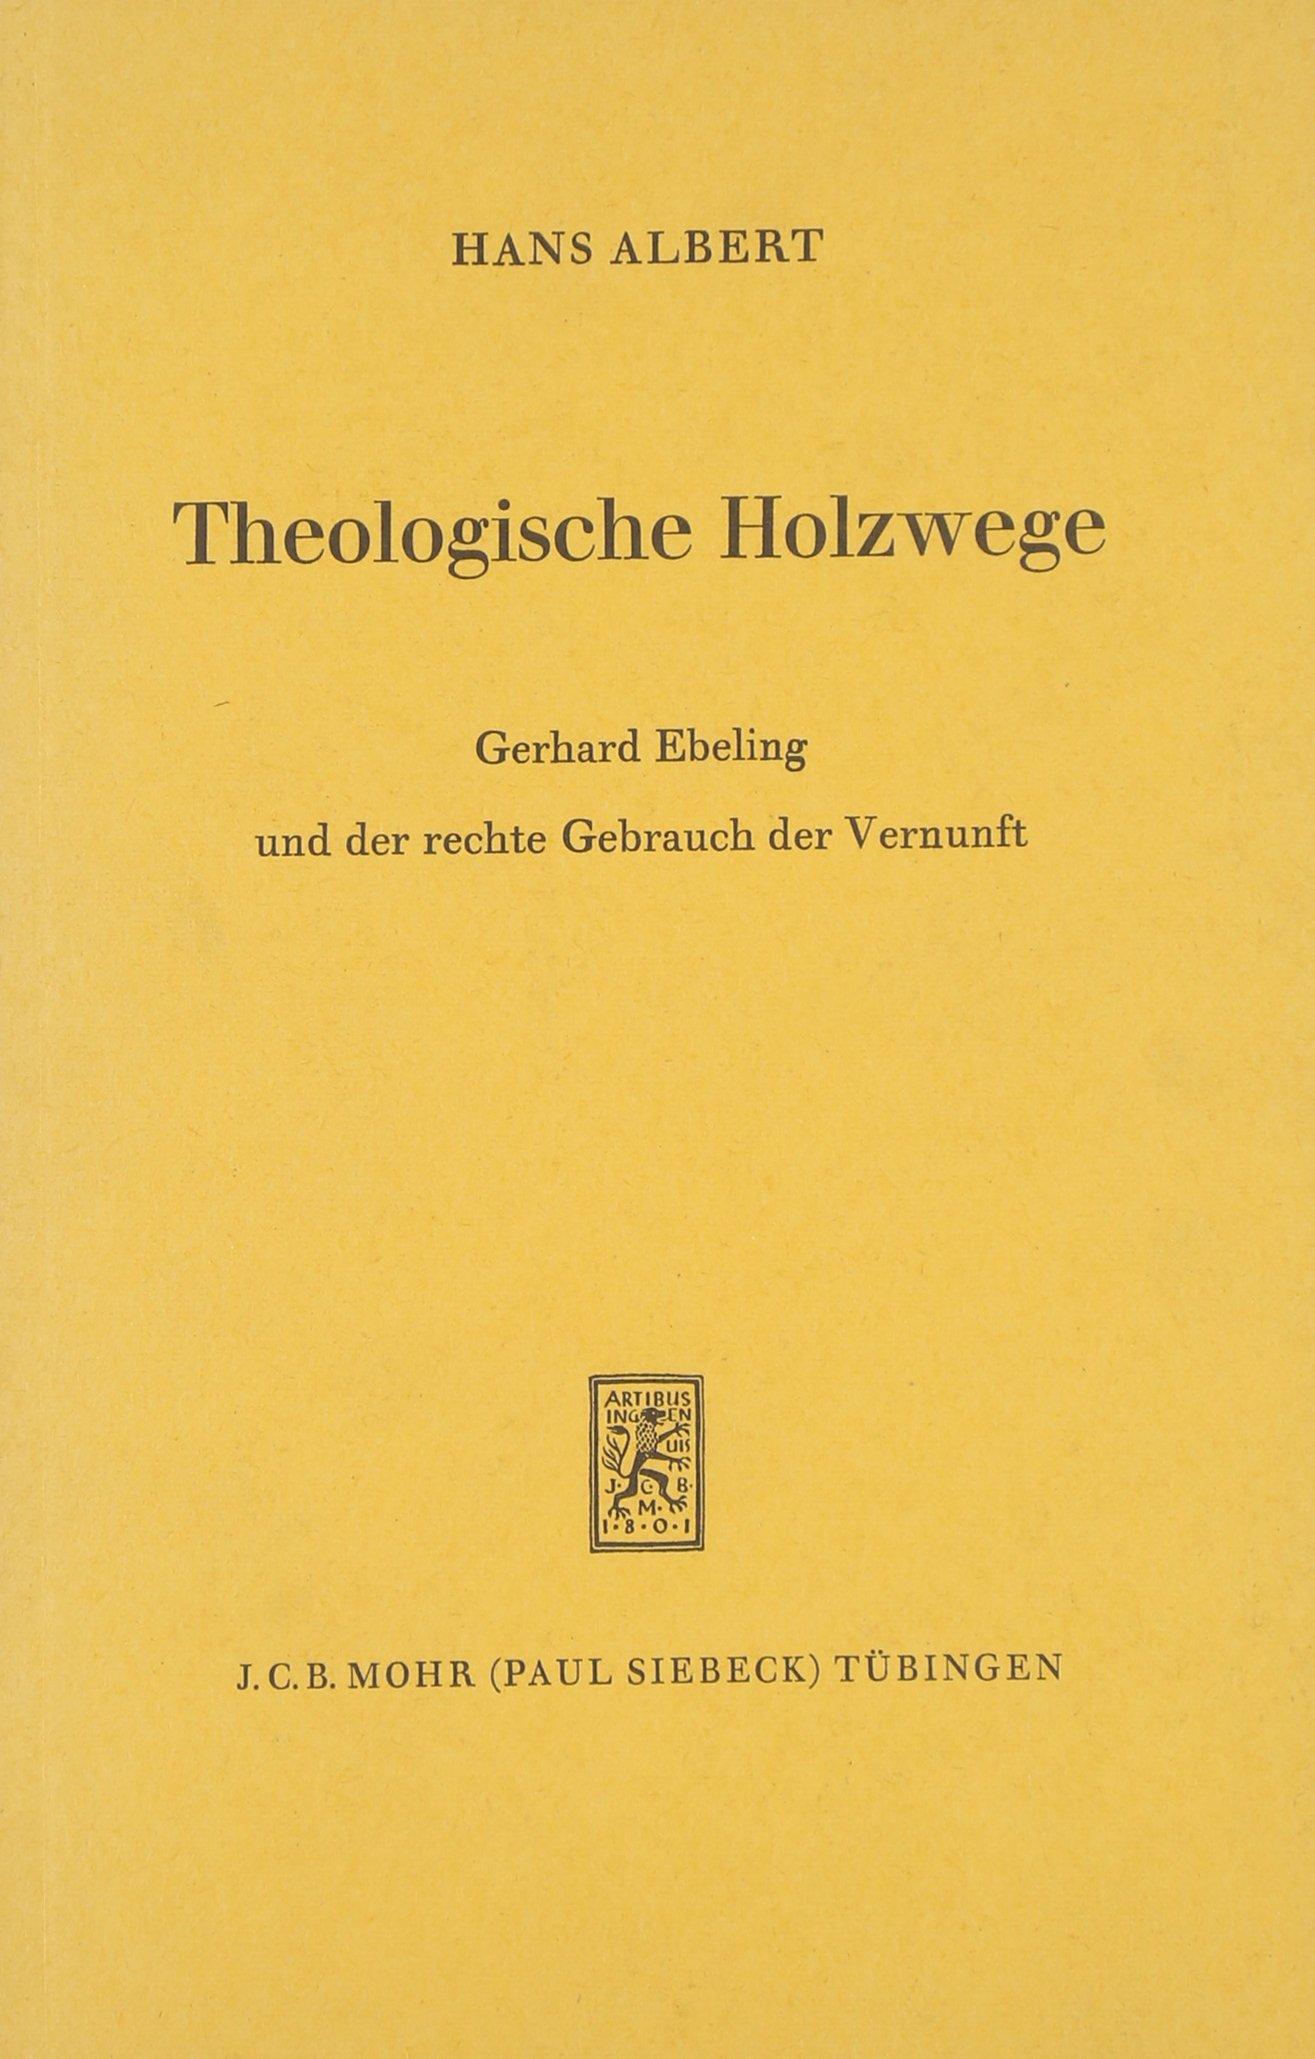 Theologische Holzwege: Gerhard Ebeling und der rechte Gebrauch der Vernunft